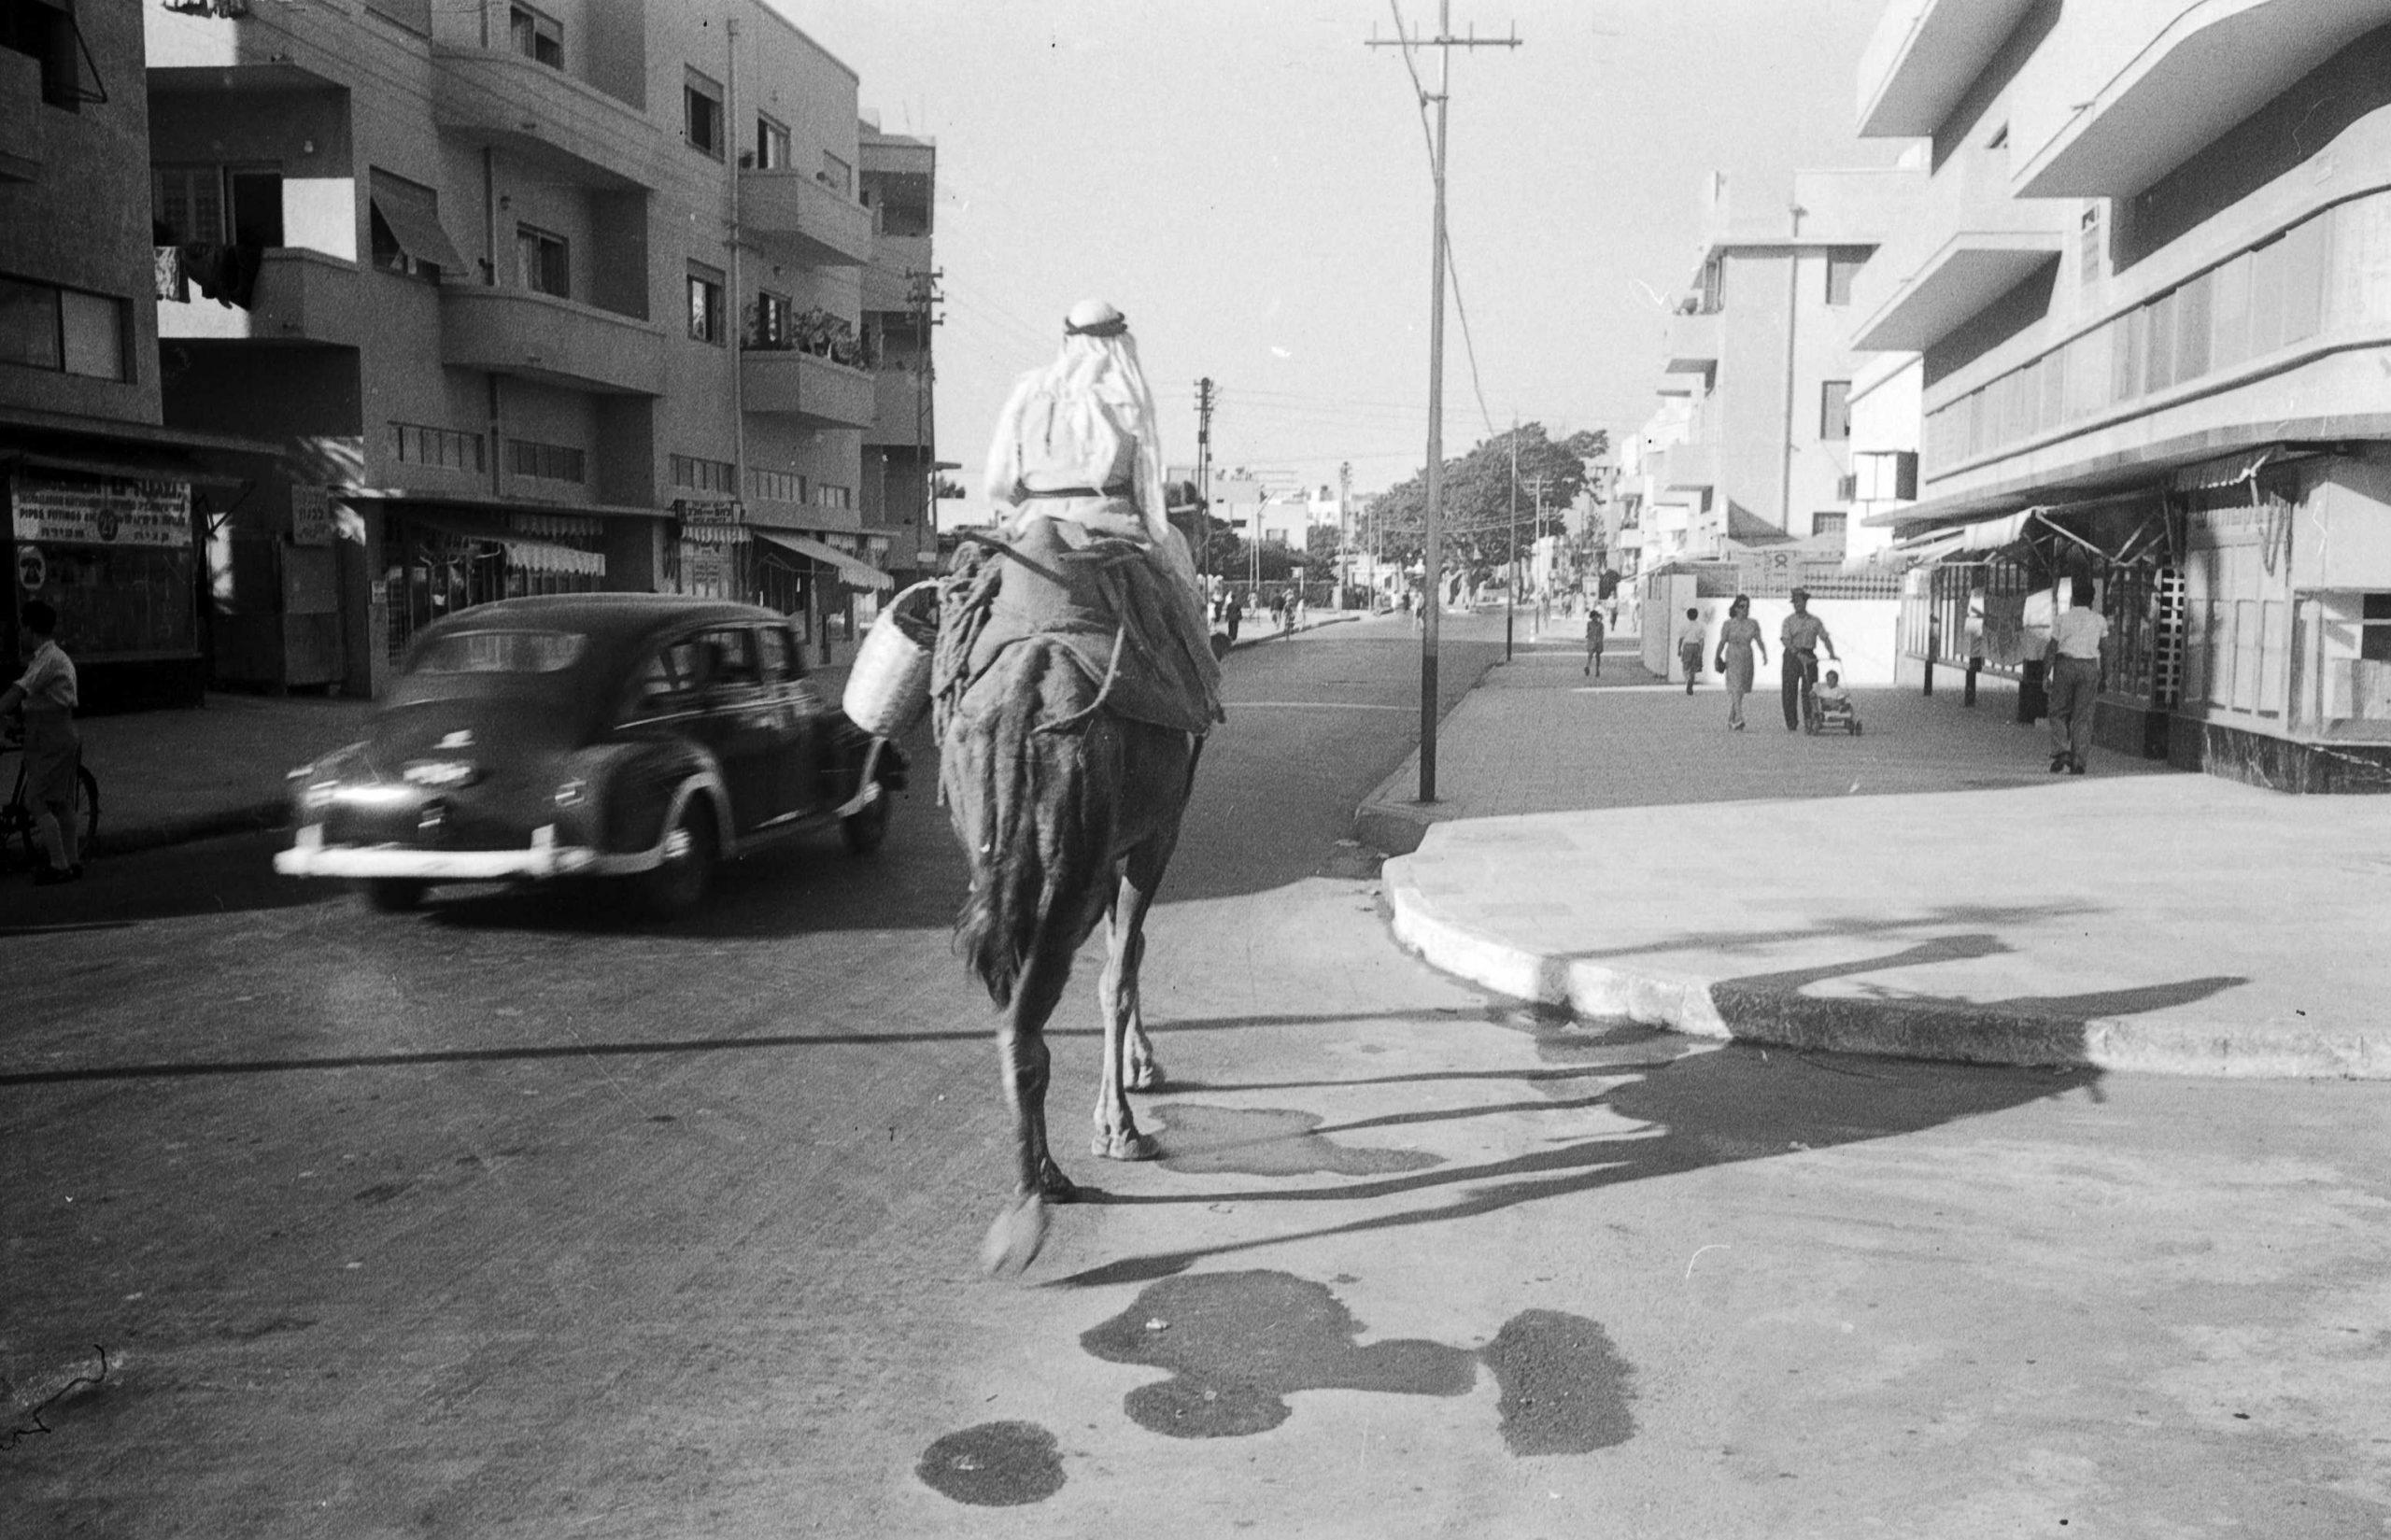 Schwarz-weiß-Aufnahme einer Straße mit Gebäuden aus den 30er Jahren. Ein auto fährt vorbei und überholt ein Kamel mit Reiter.